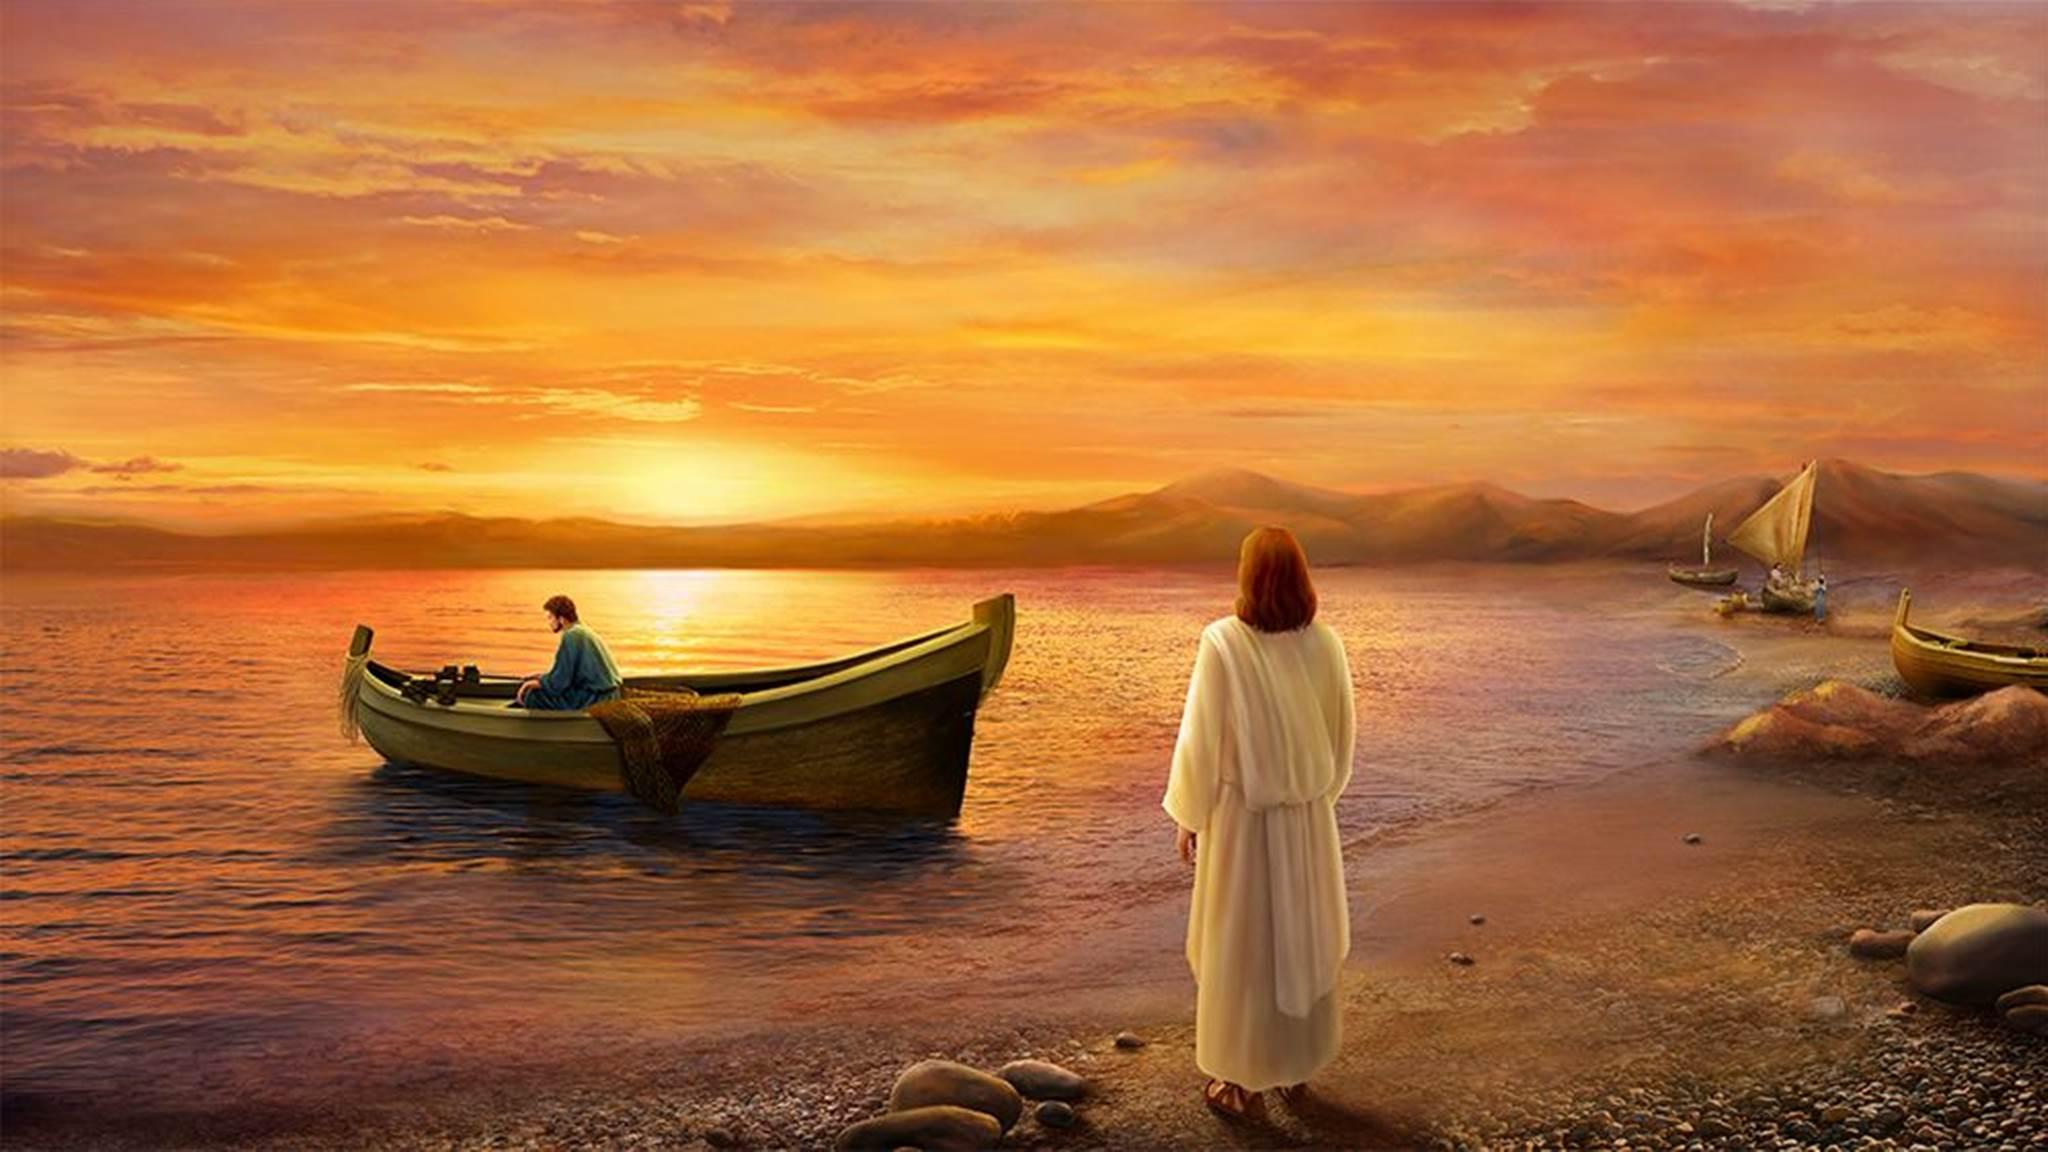 Khi Chúa gọi bạn